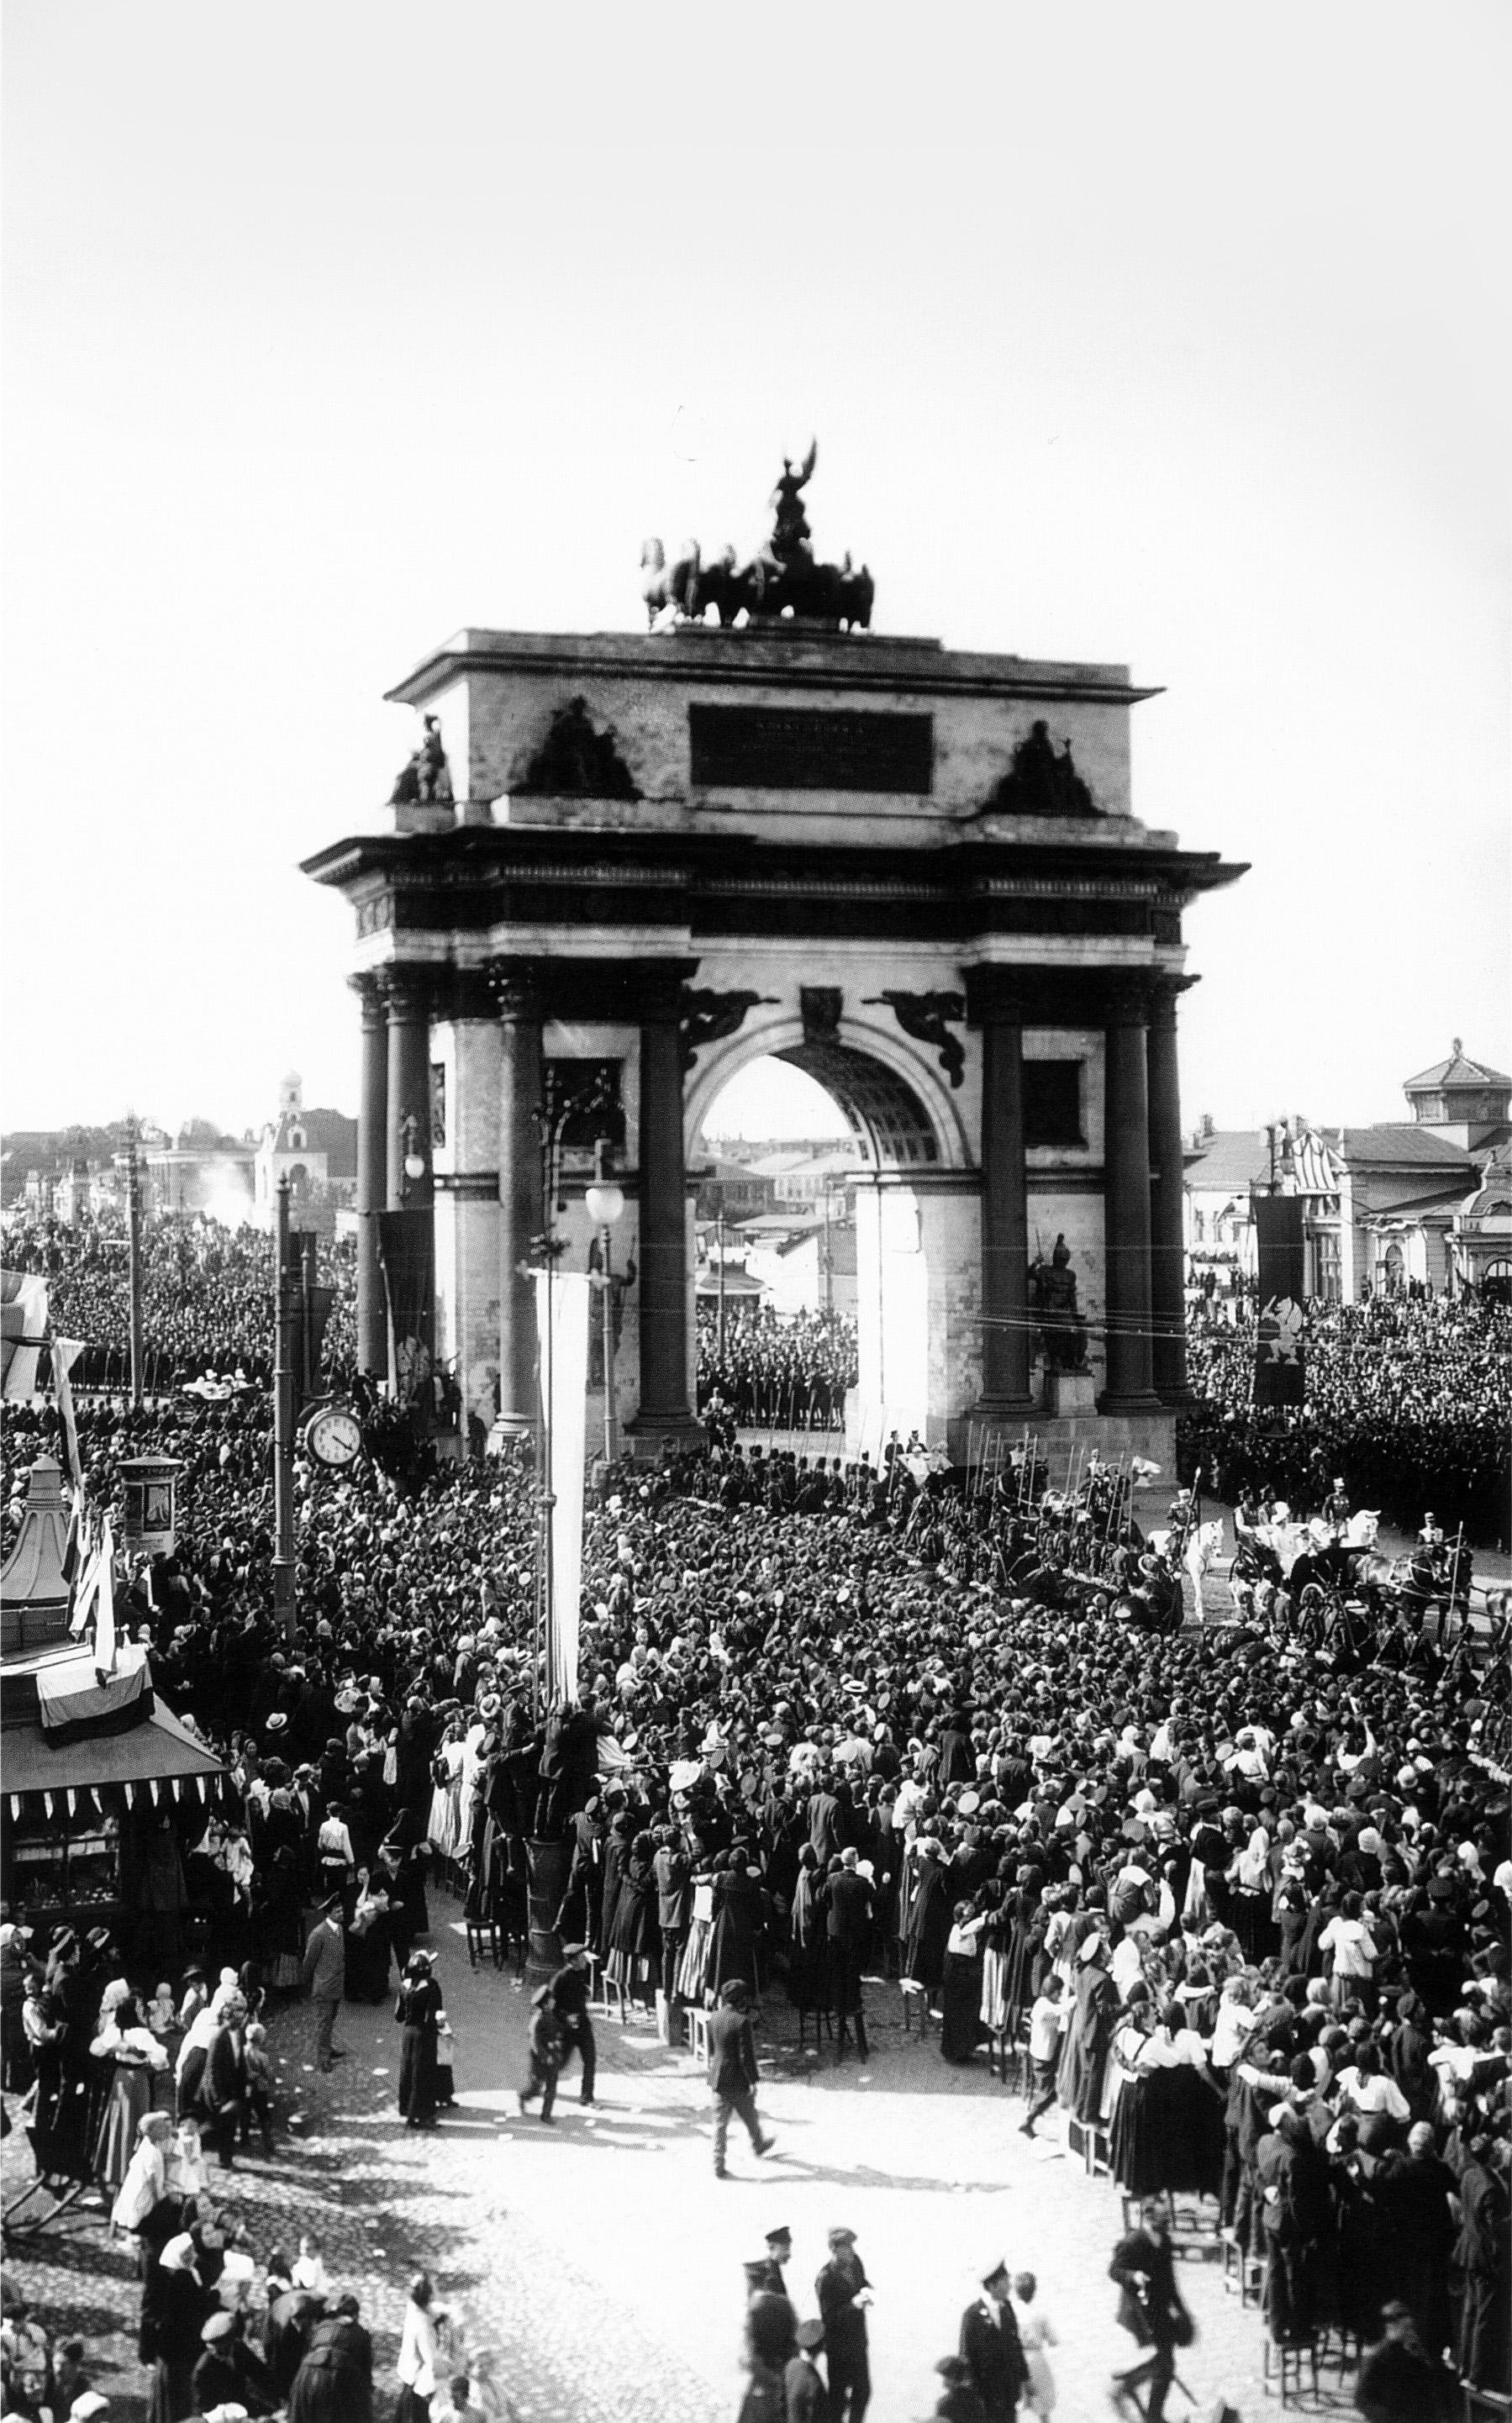 Празднование 300-летие дома Романовых. У триумфальной арки